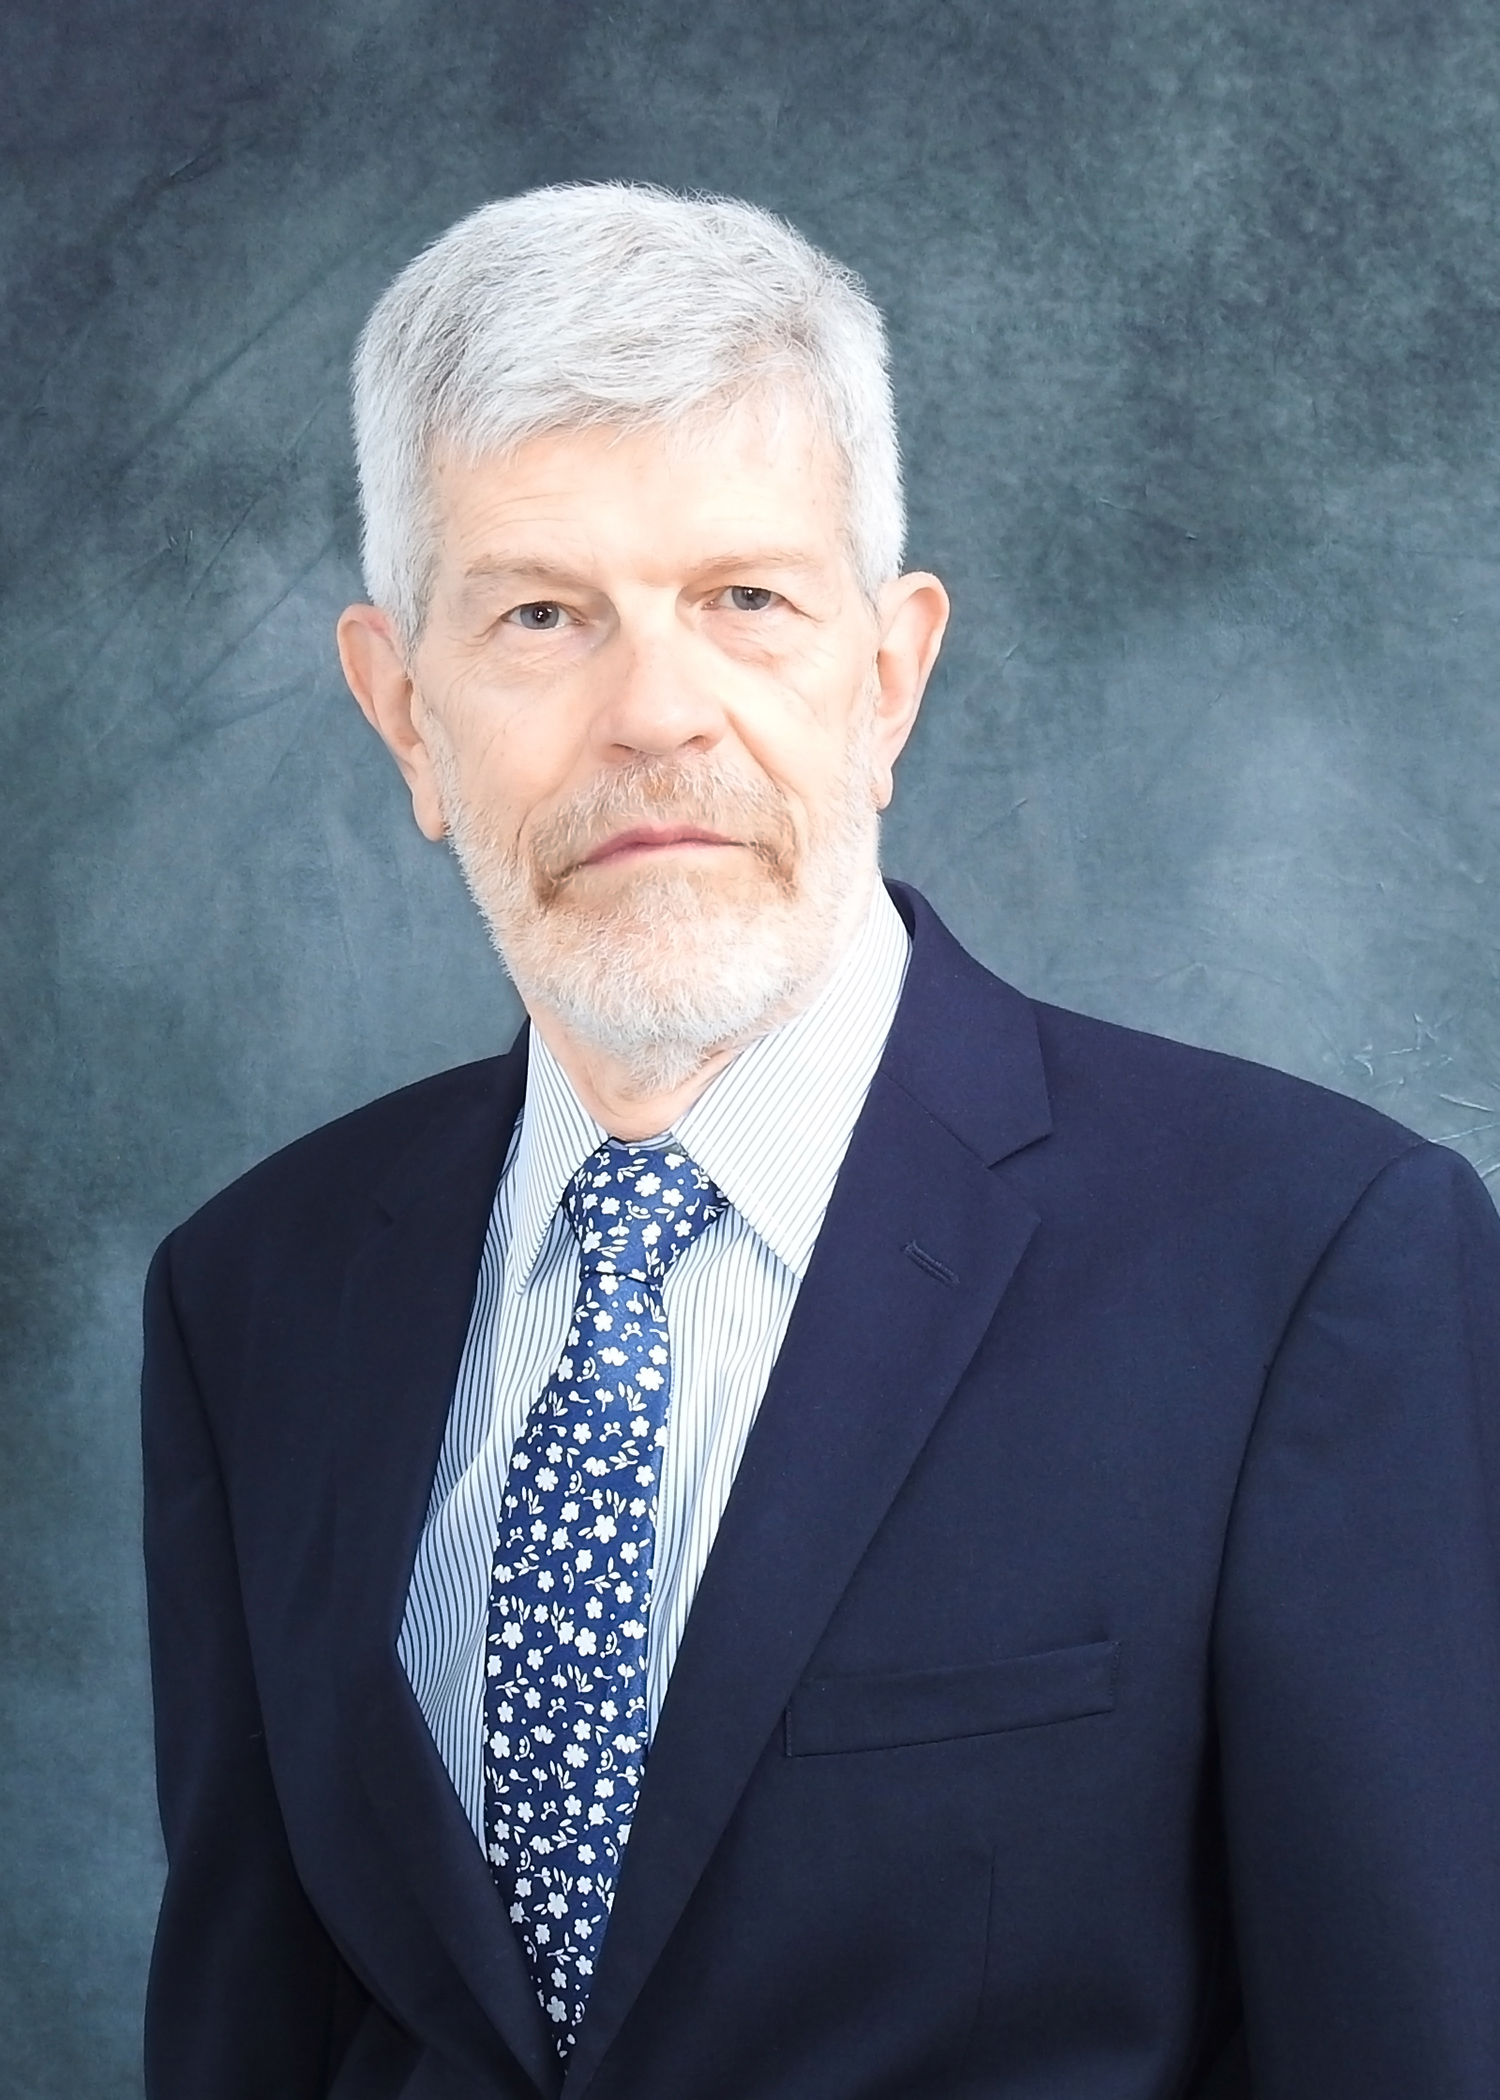 Mike Koetting